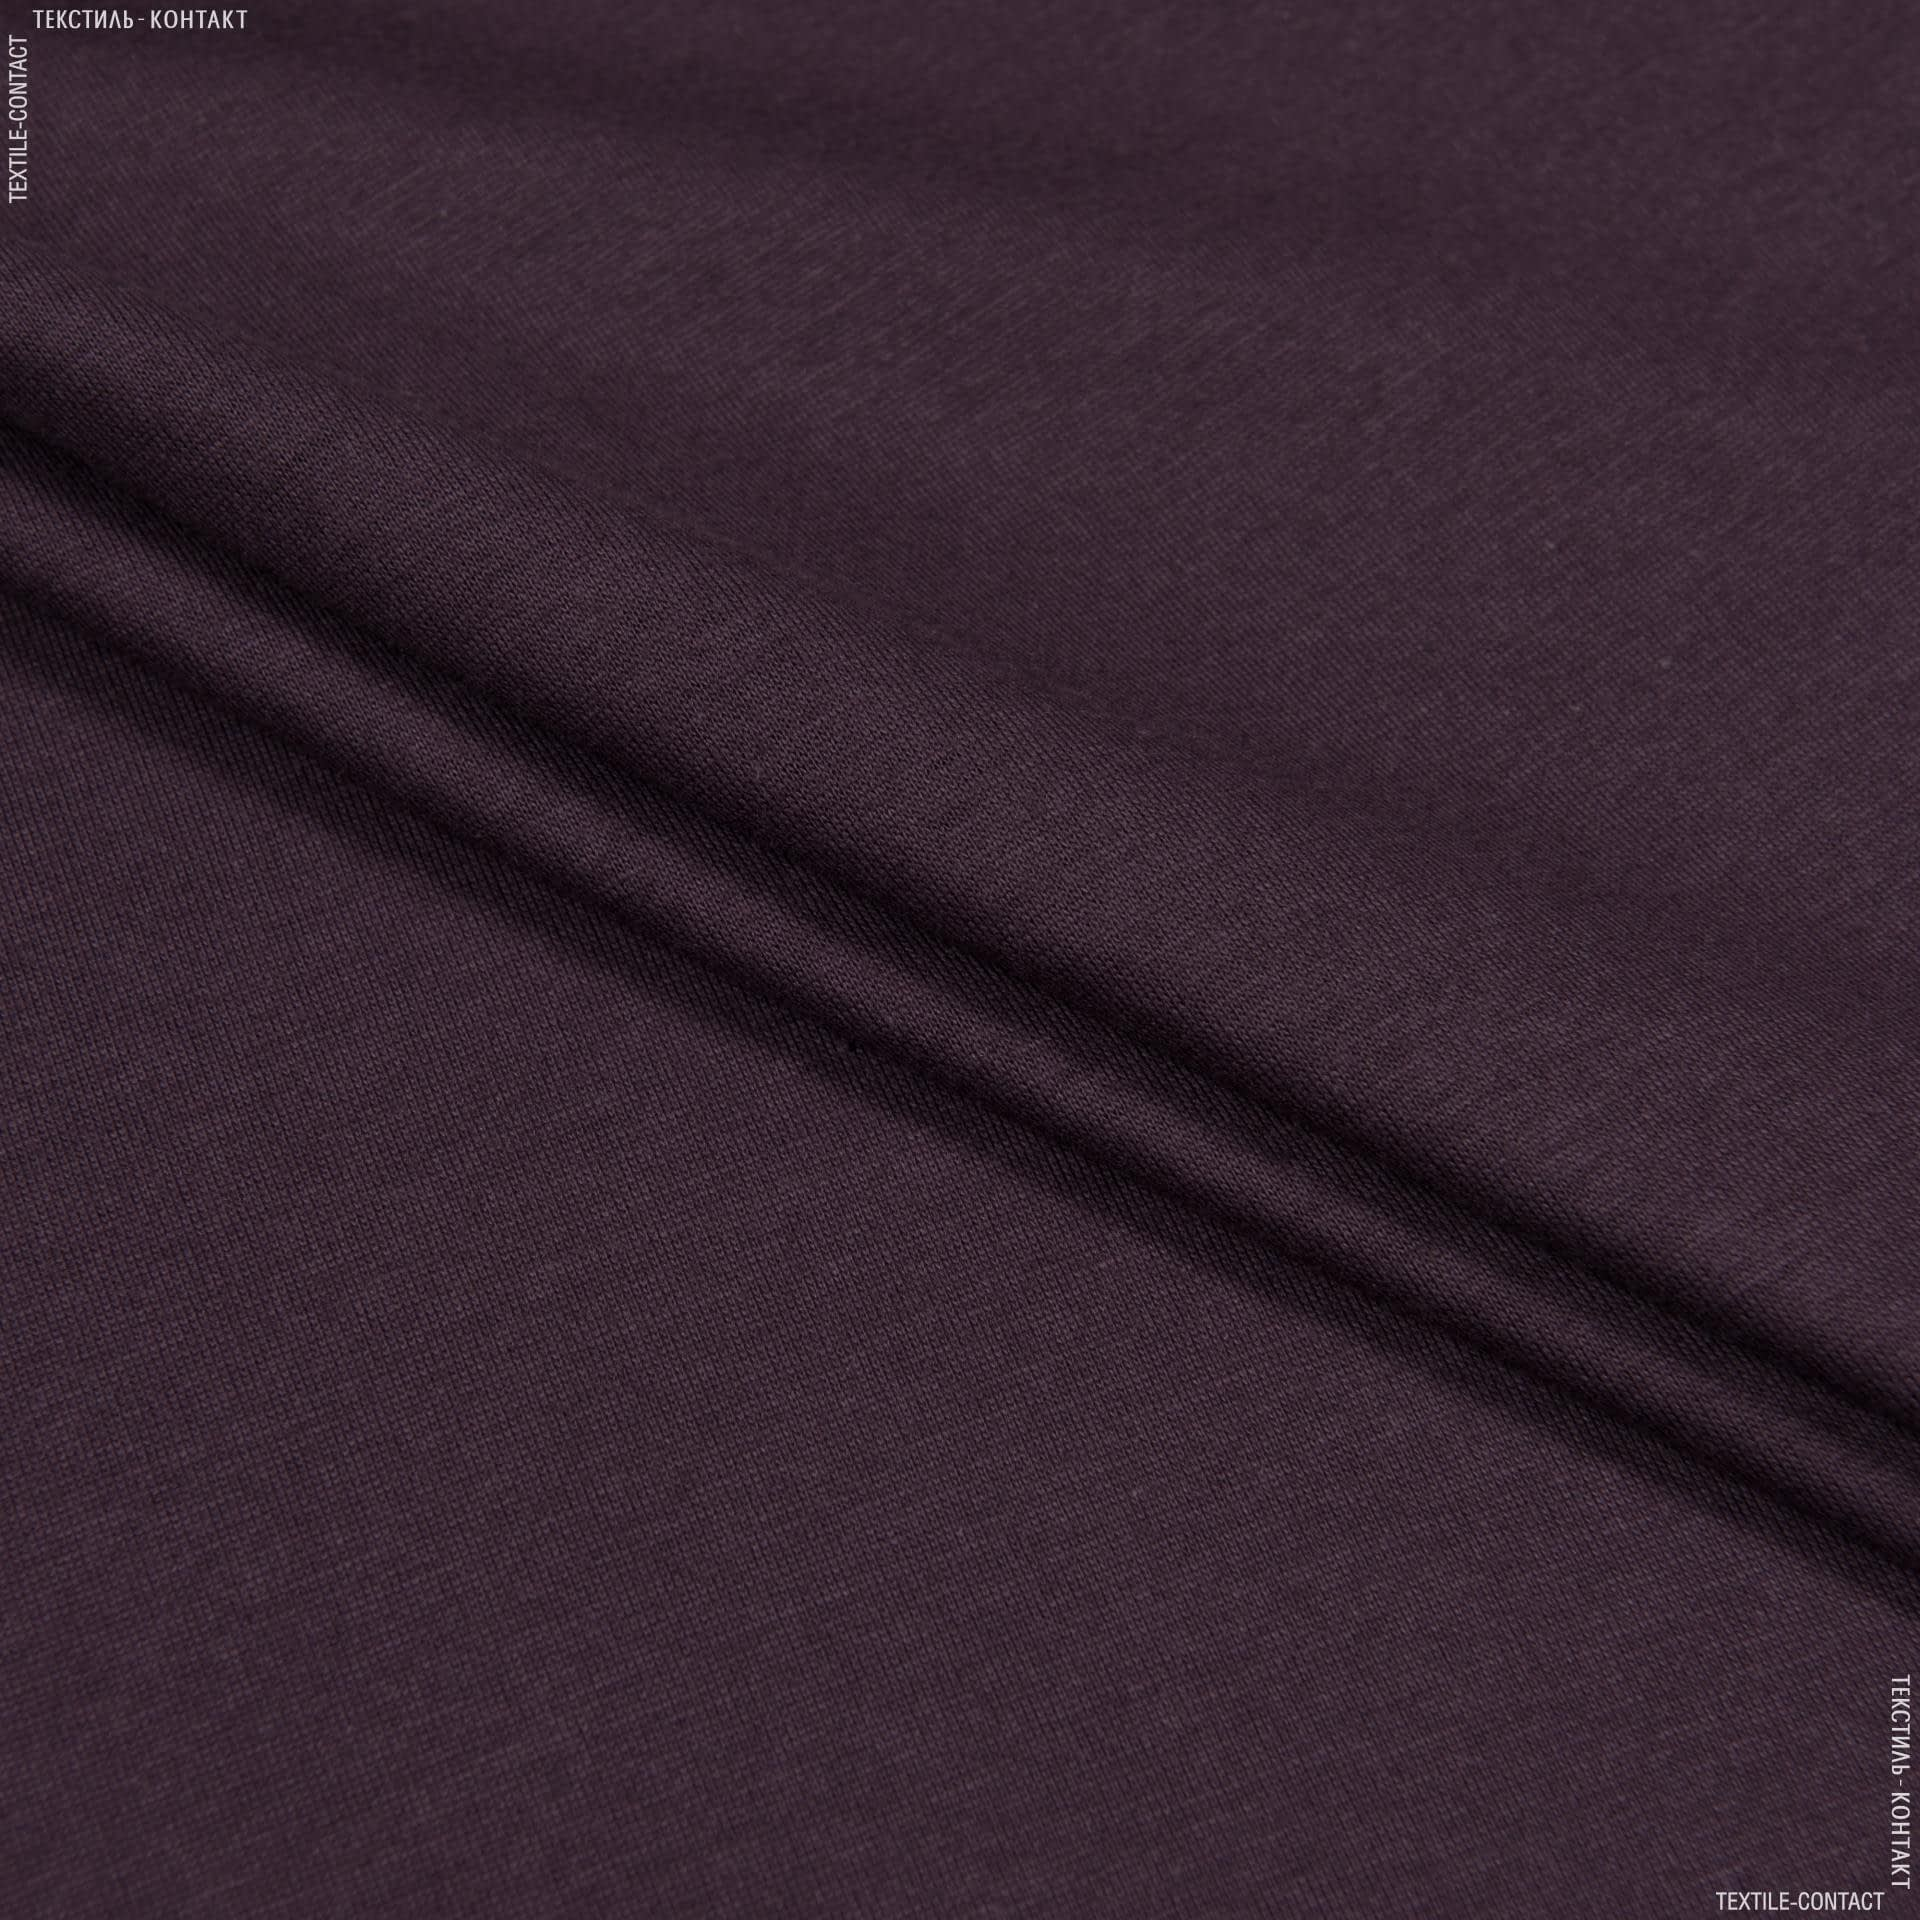 Тканини підкладкова тканина - Трикотаж підкладковий фіолетовий